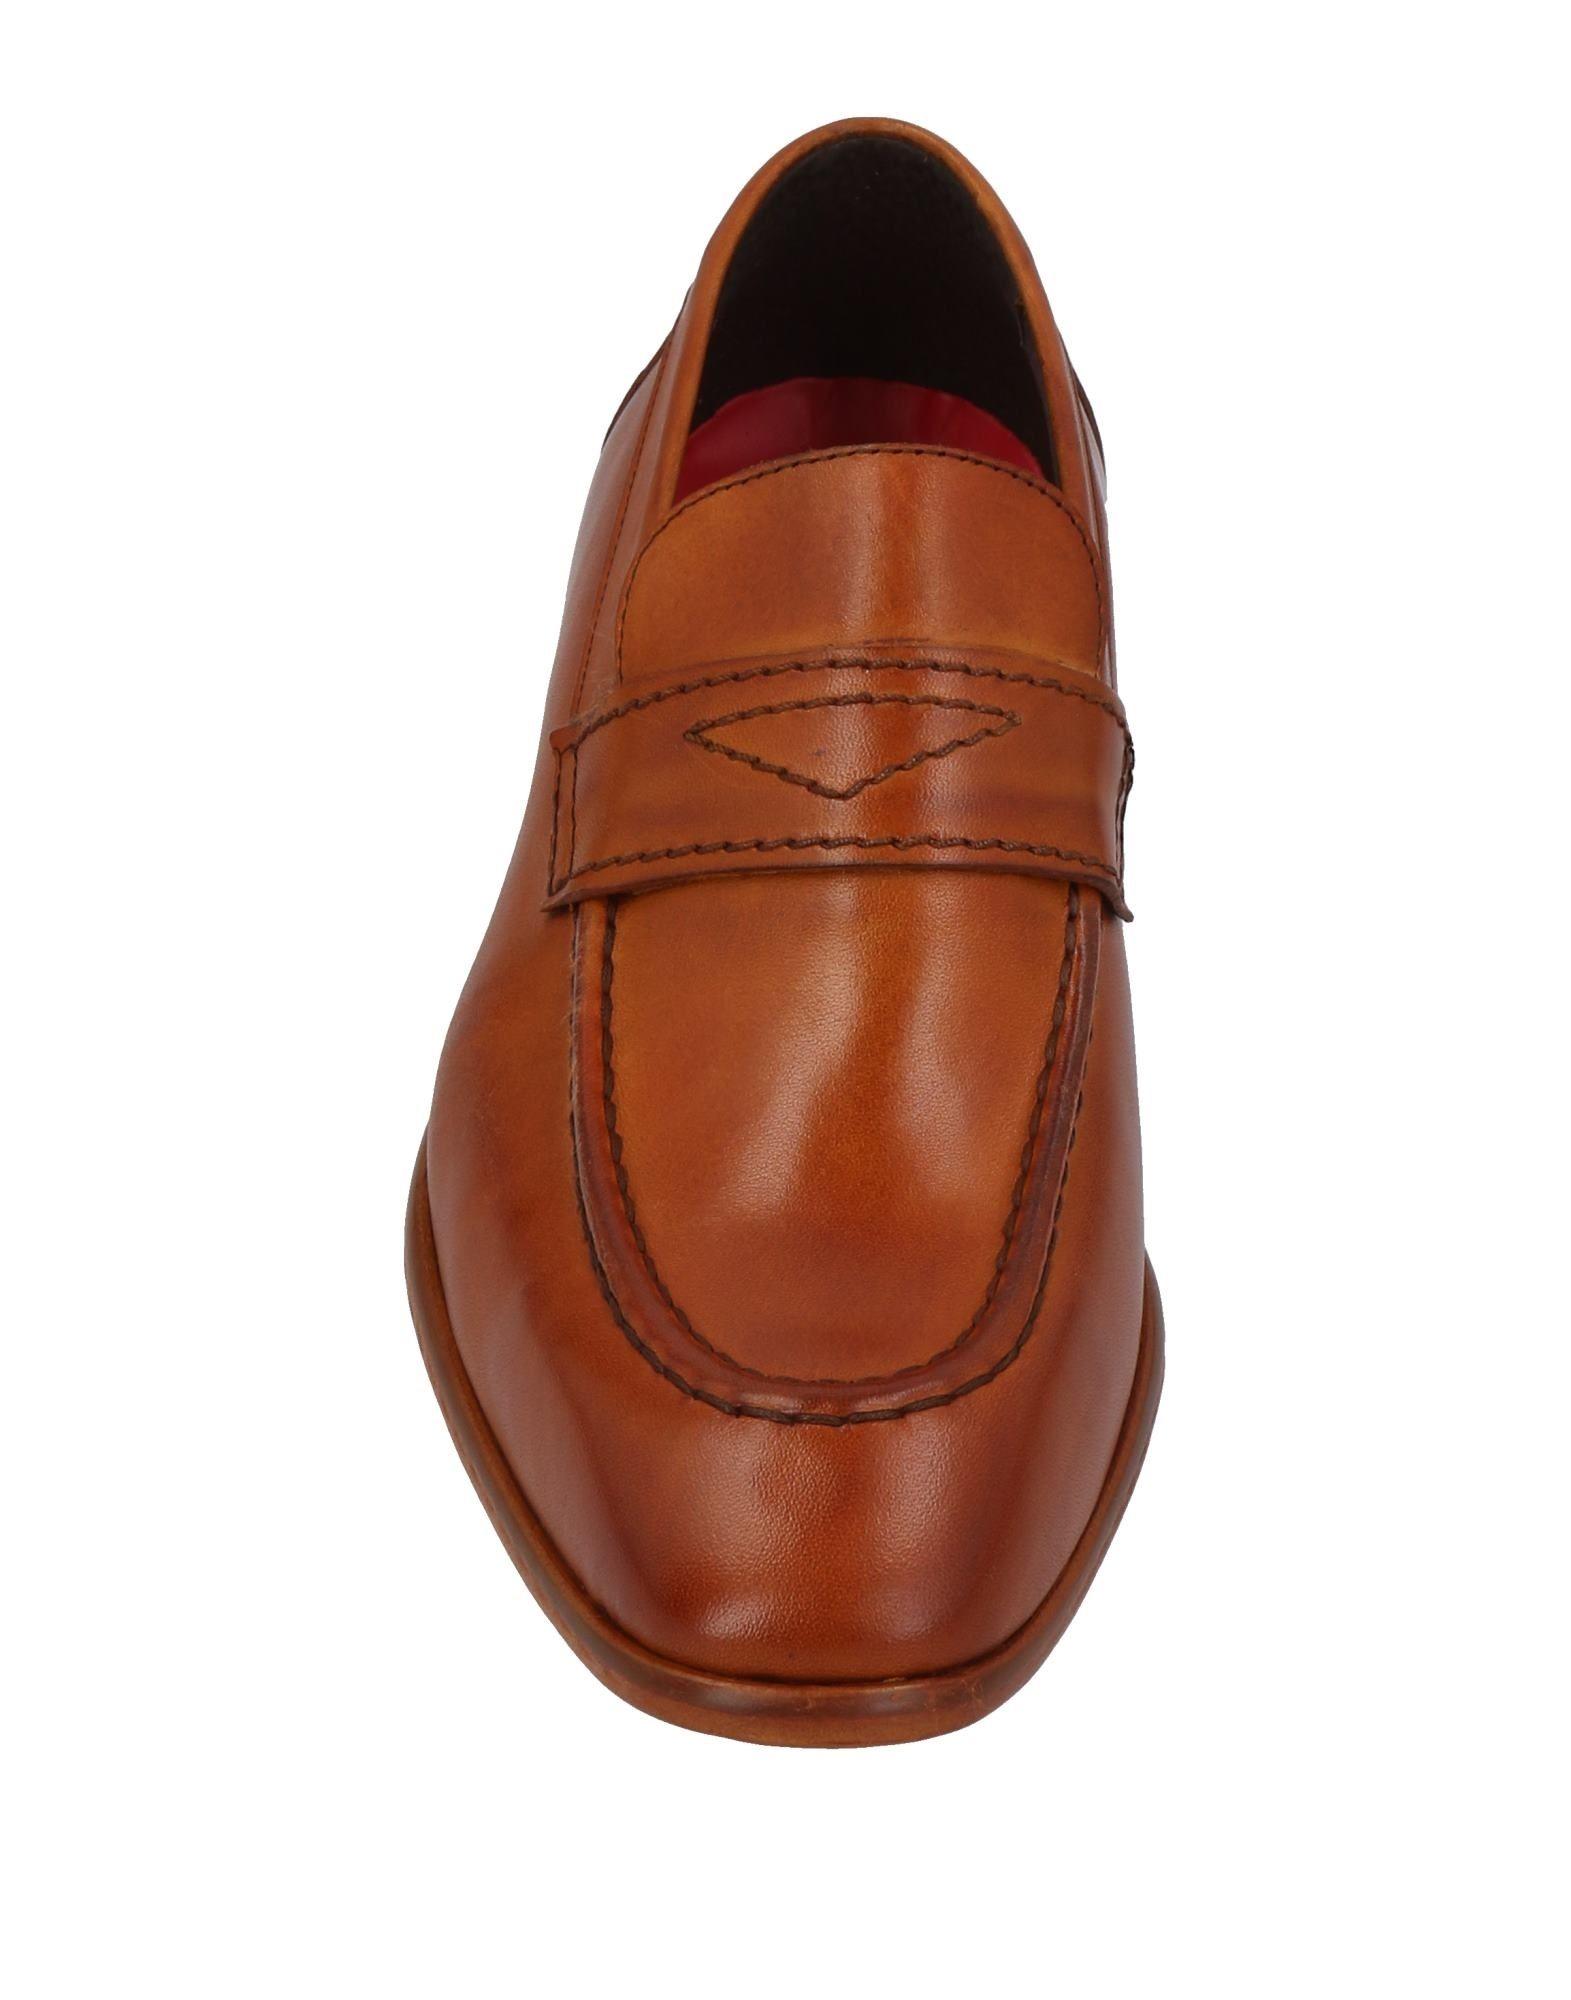 Richard Lars Mokassins Herren 11447118TN  11447118TN Herren Neue Schuhe 76f51c